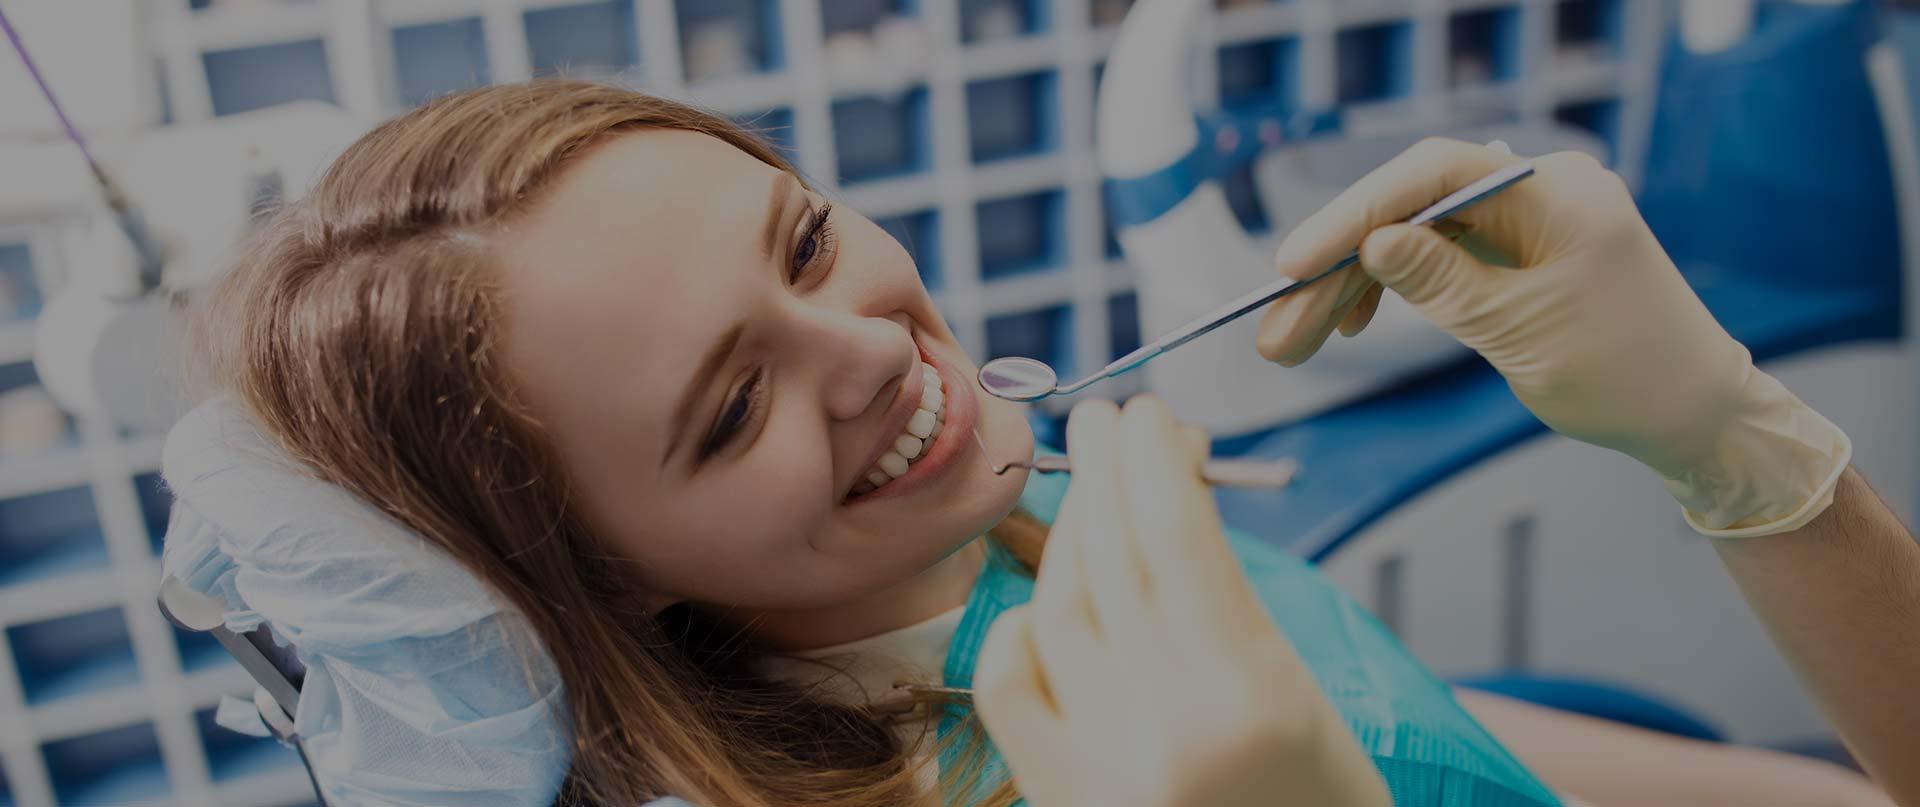 Bergen's Top Dentists